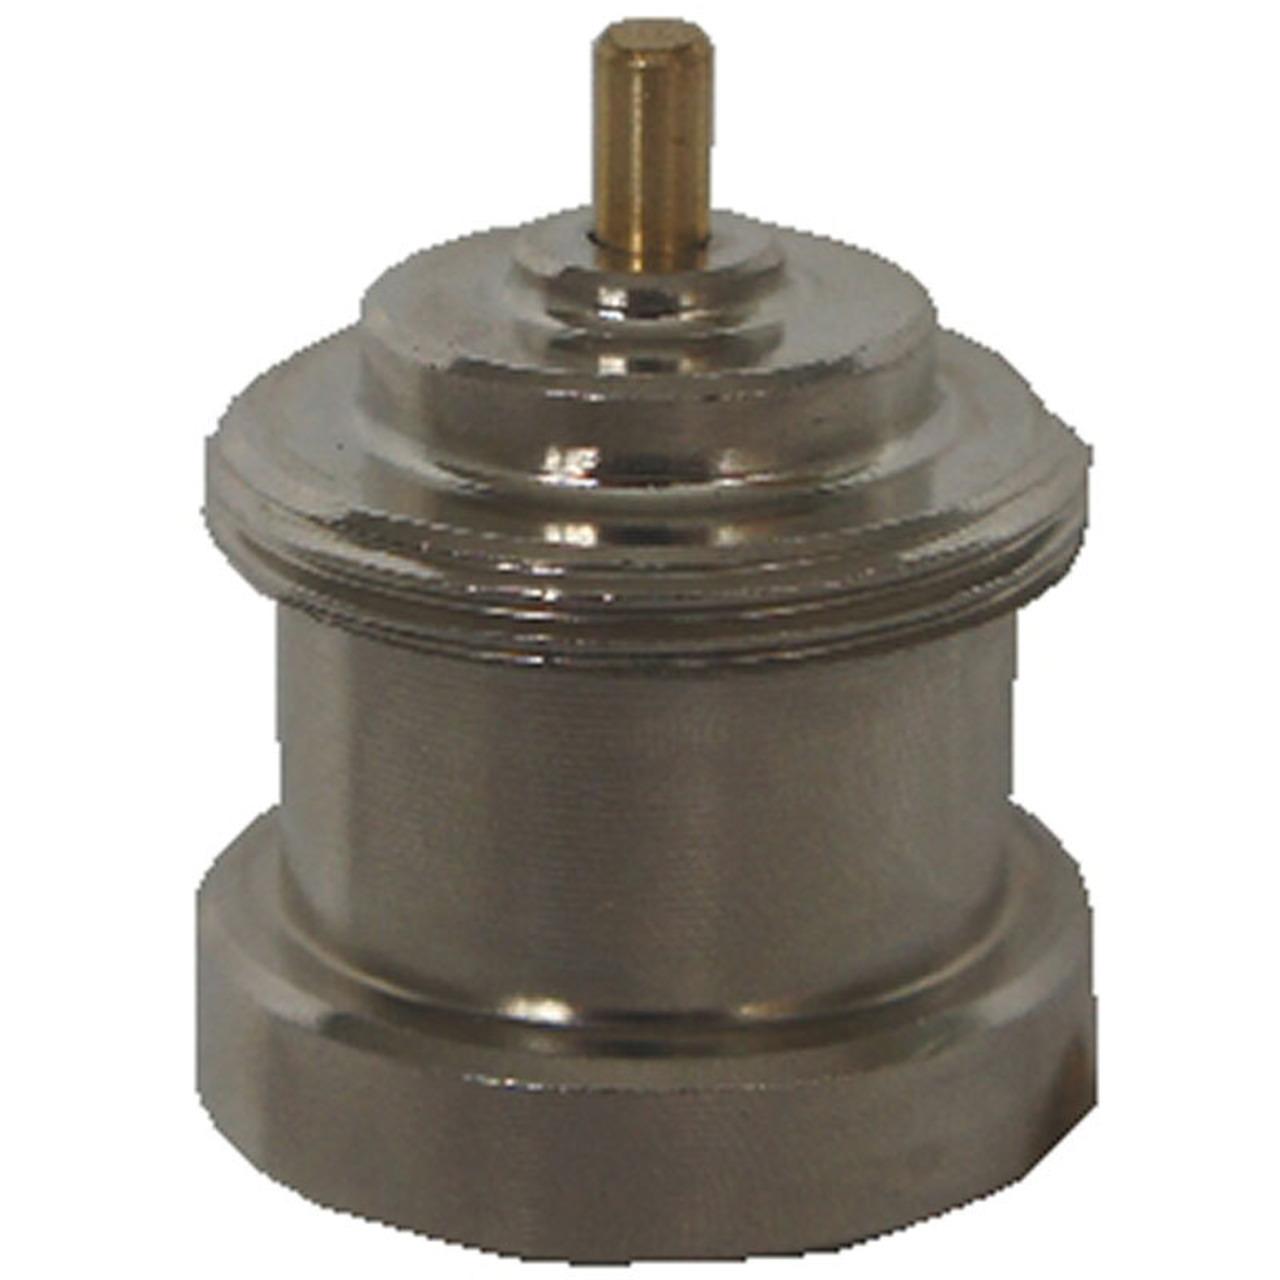 Heizungsventiladapter für Comap M28 x 1-5 (Messing)